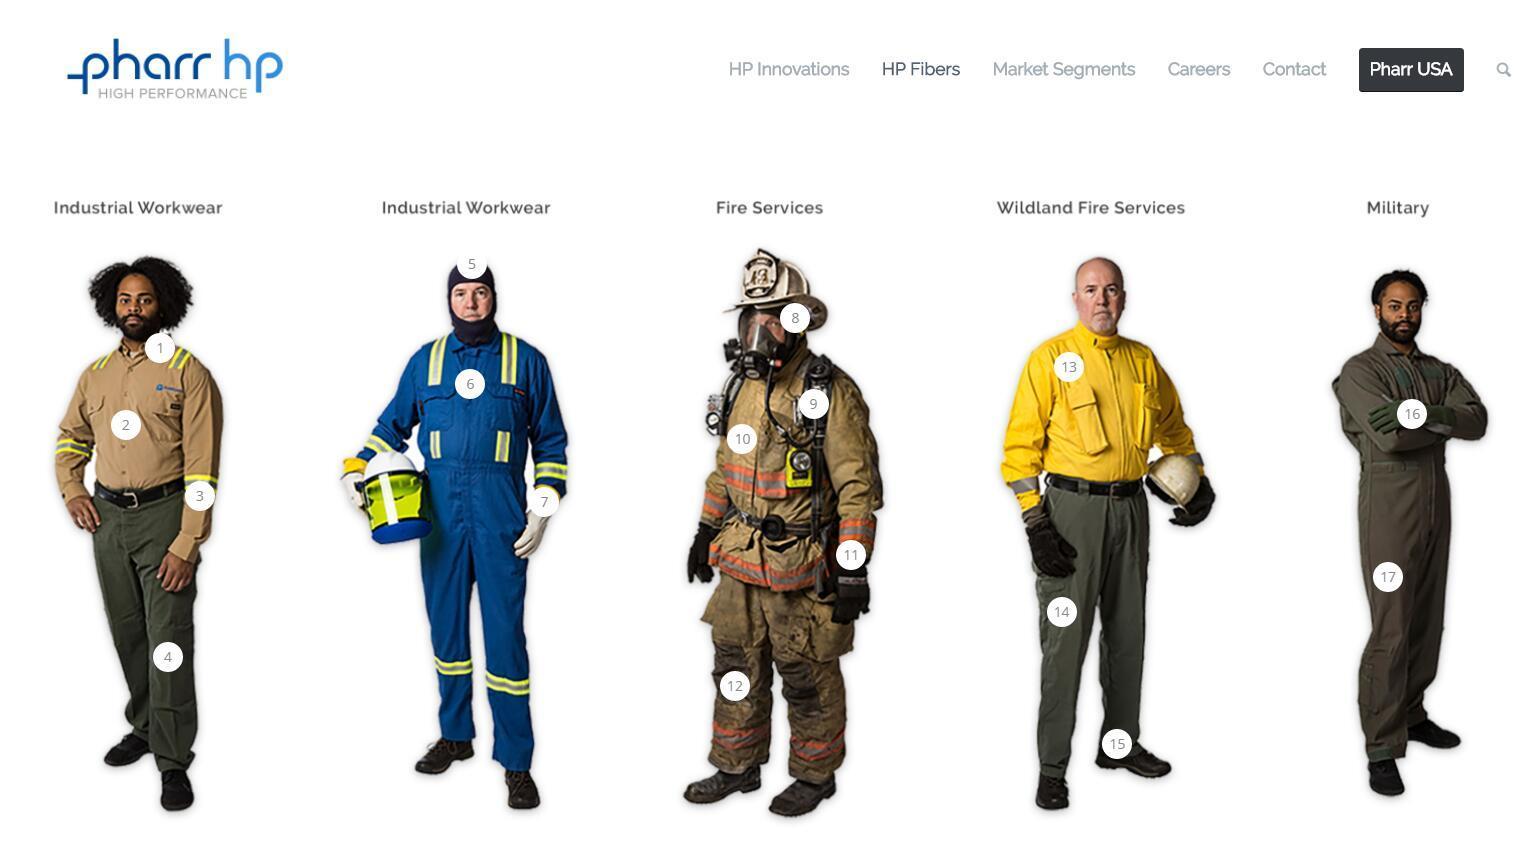 全球最大缝纫线生产商收购消防级纱线材料制造商 Pharr HP